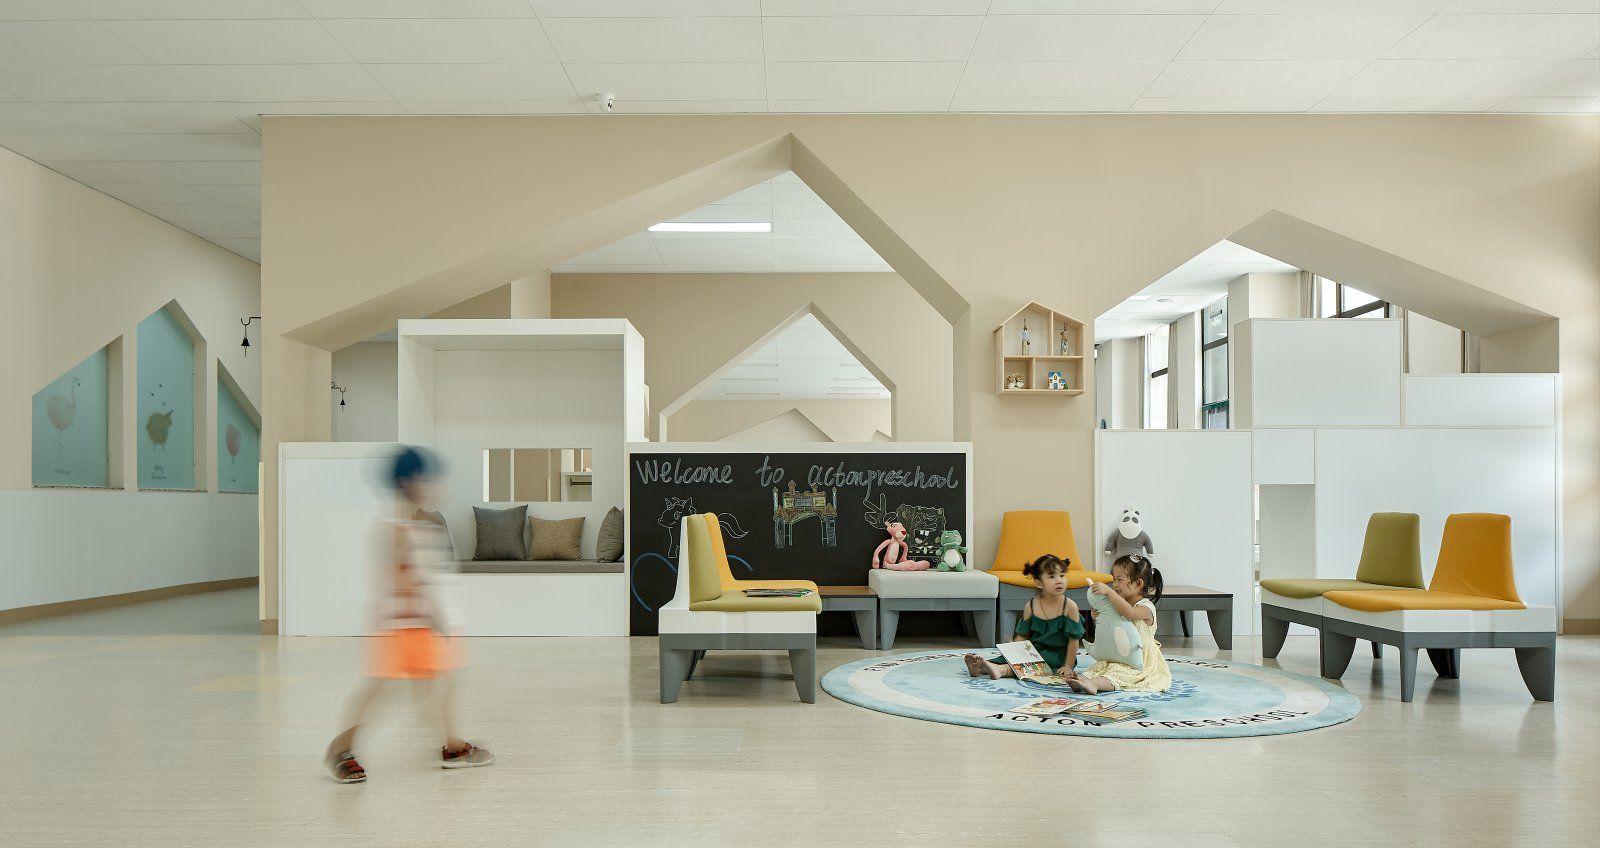 郑州阿肯顿幼儿园 | 郑州青草地装饰设计